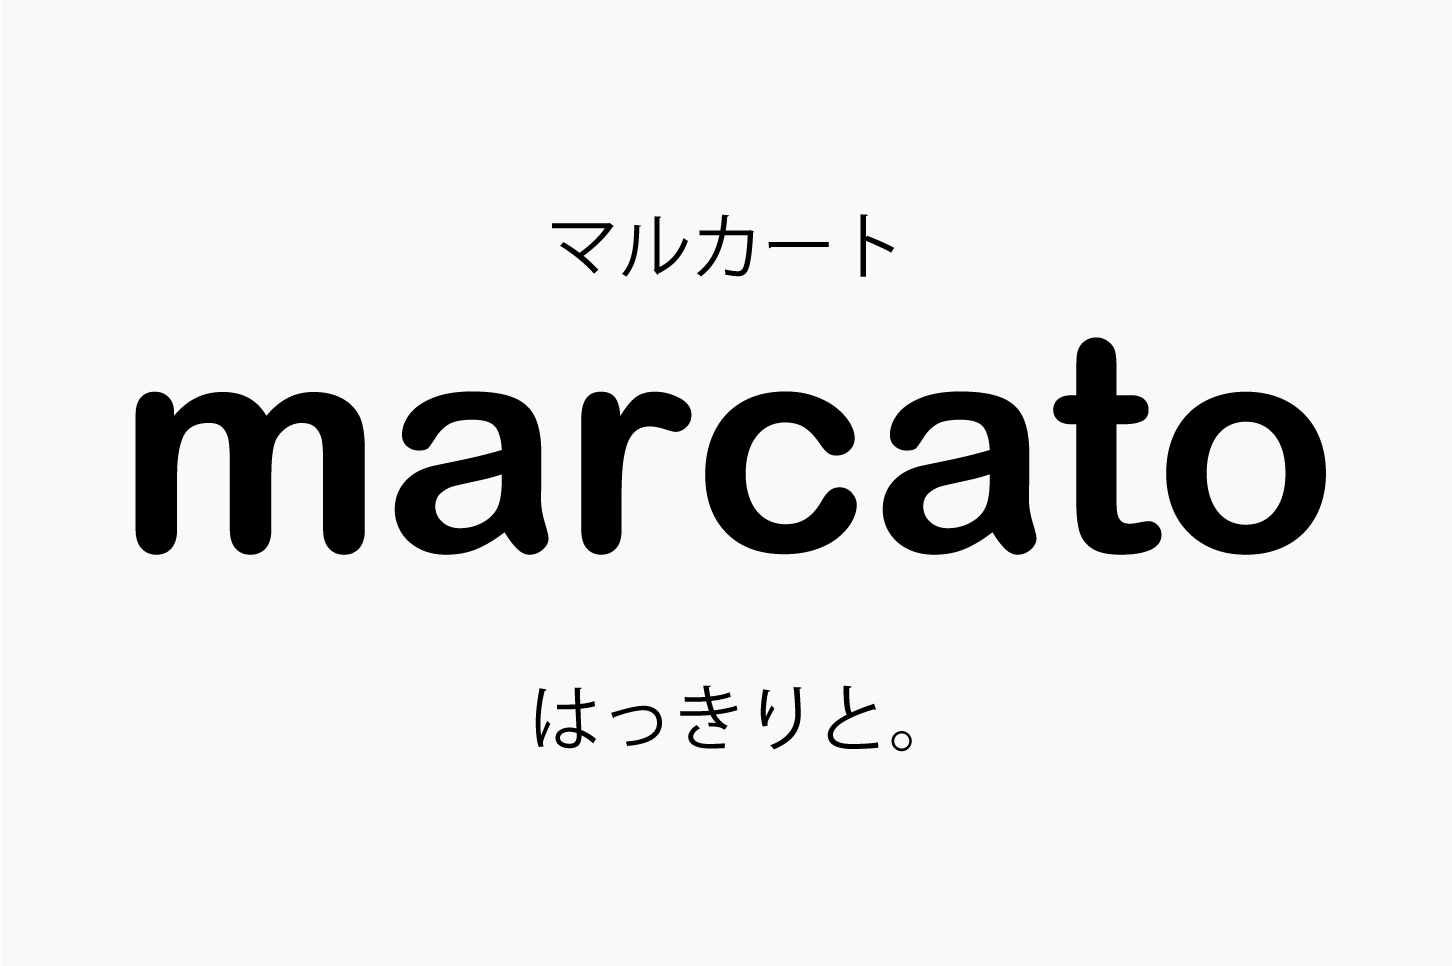 マルカート 意味